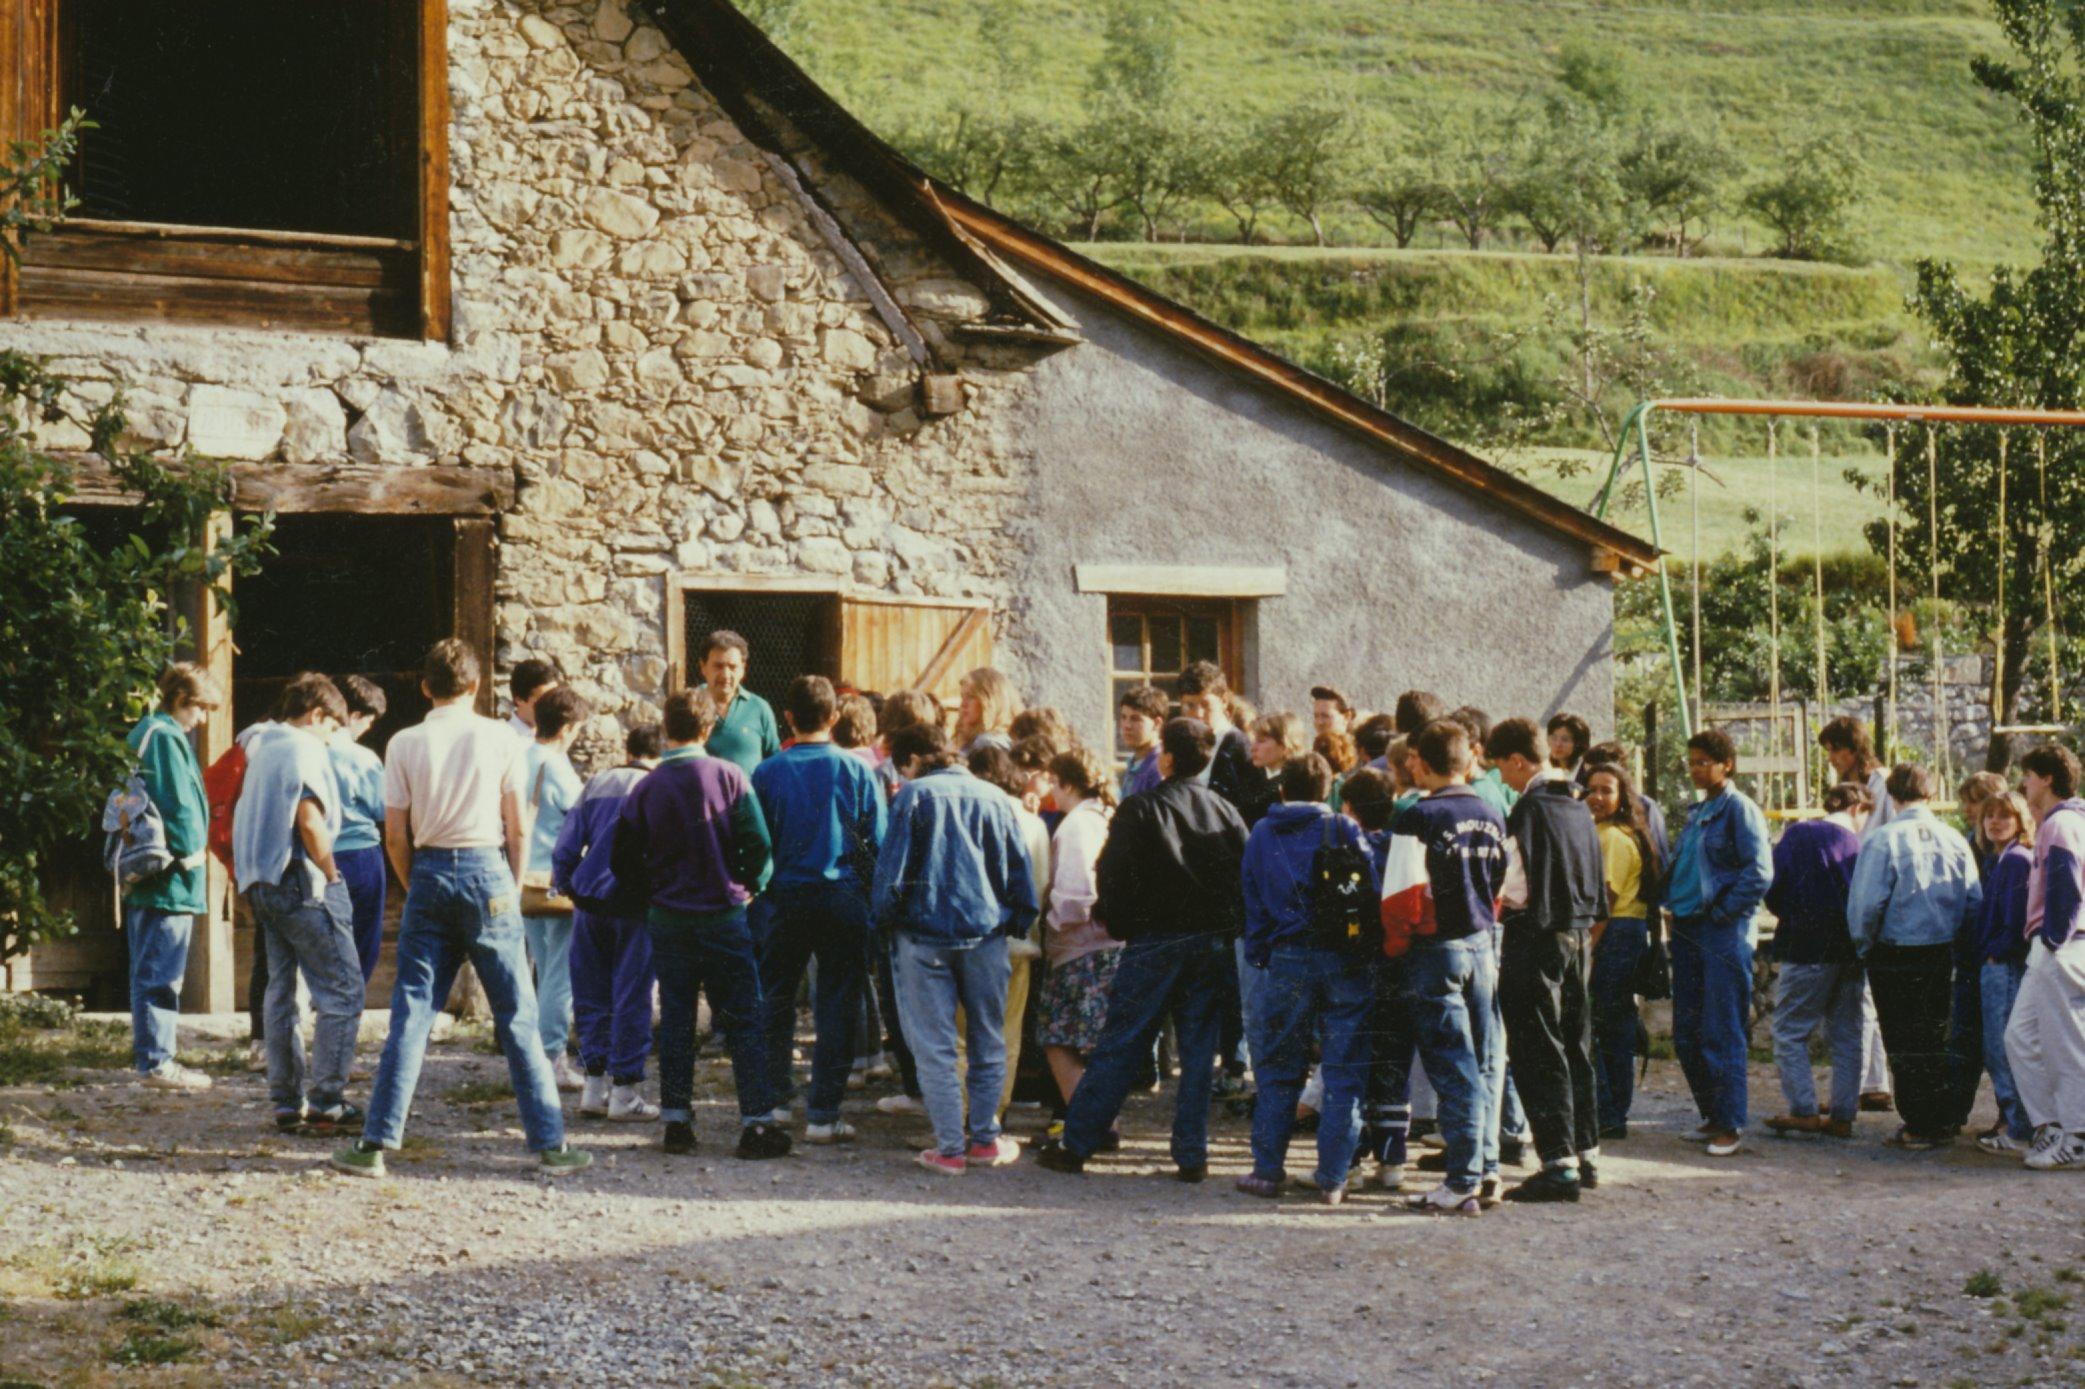 Archives anciens élèves mfr puy-sec 1989 (11)